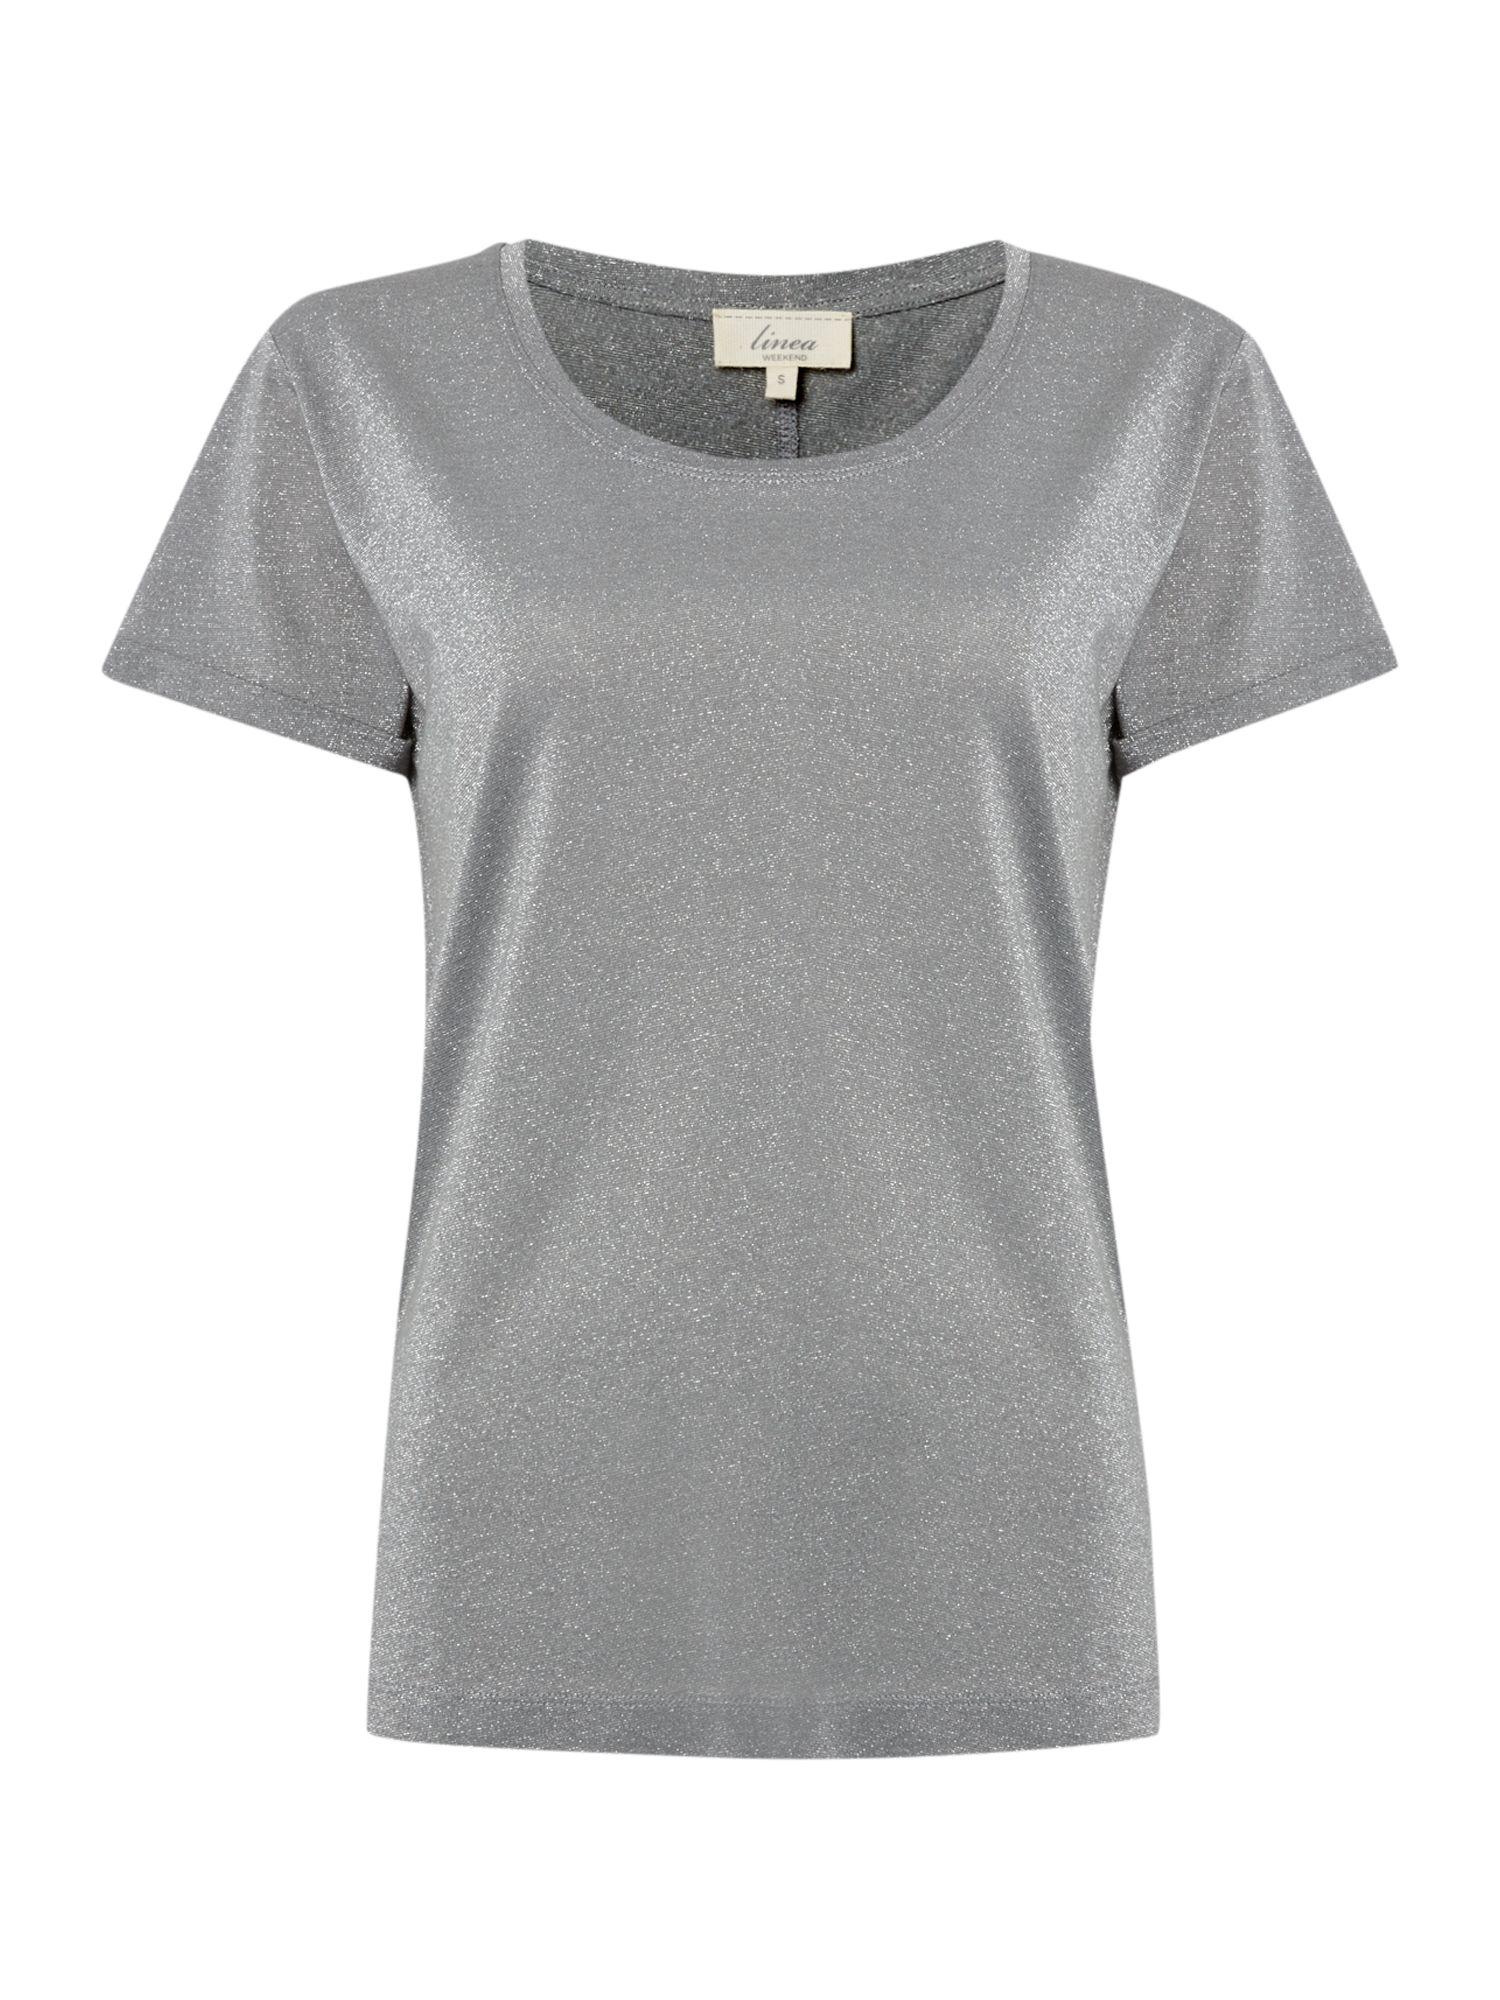 Linea Weekend Ladies Metallic Jersey T Shirt In Metallic